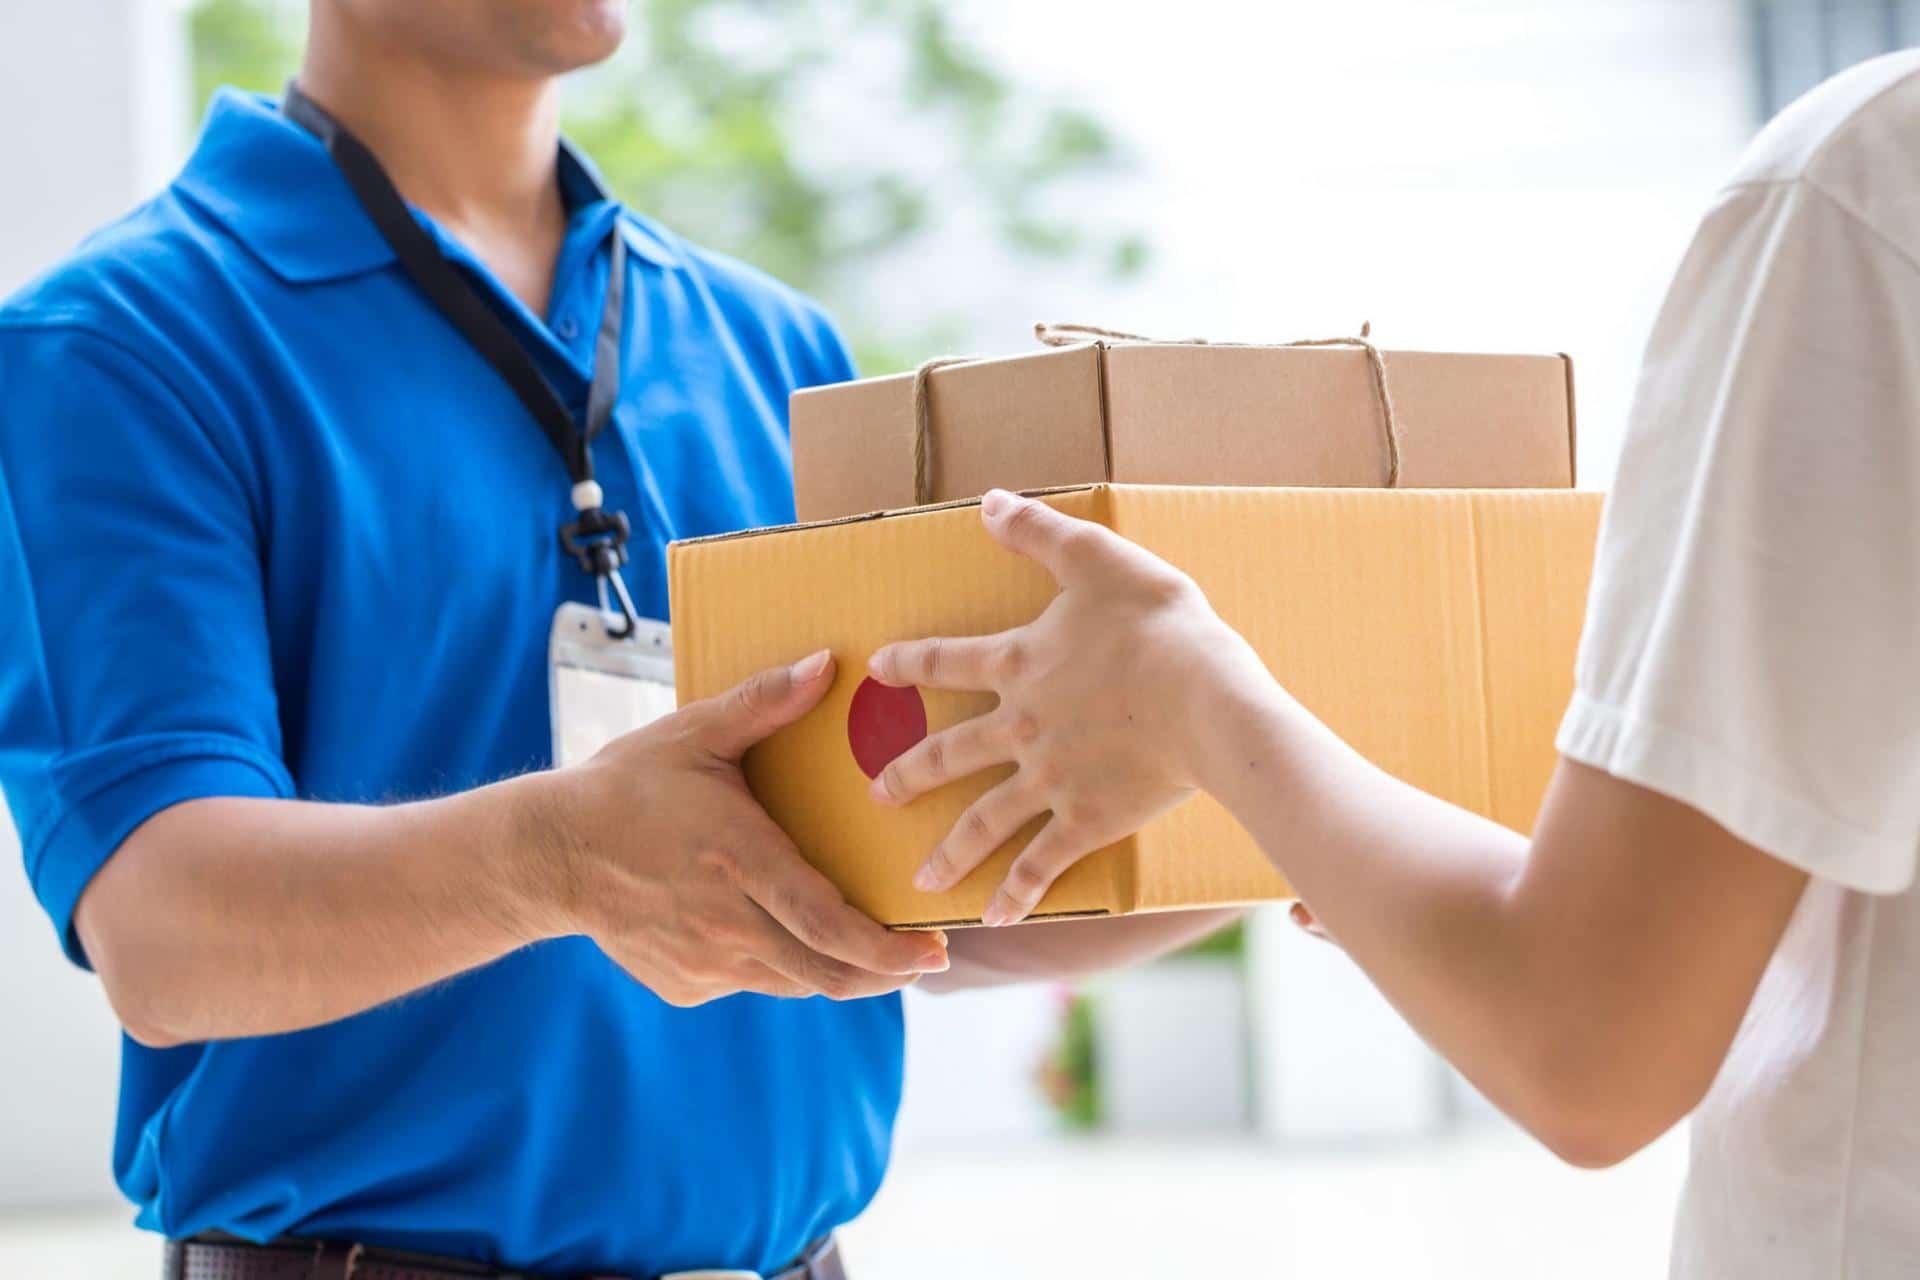 Modafinil delivery